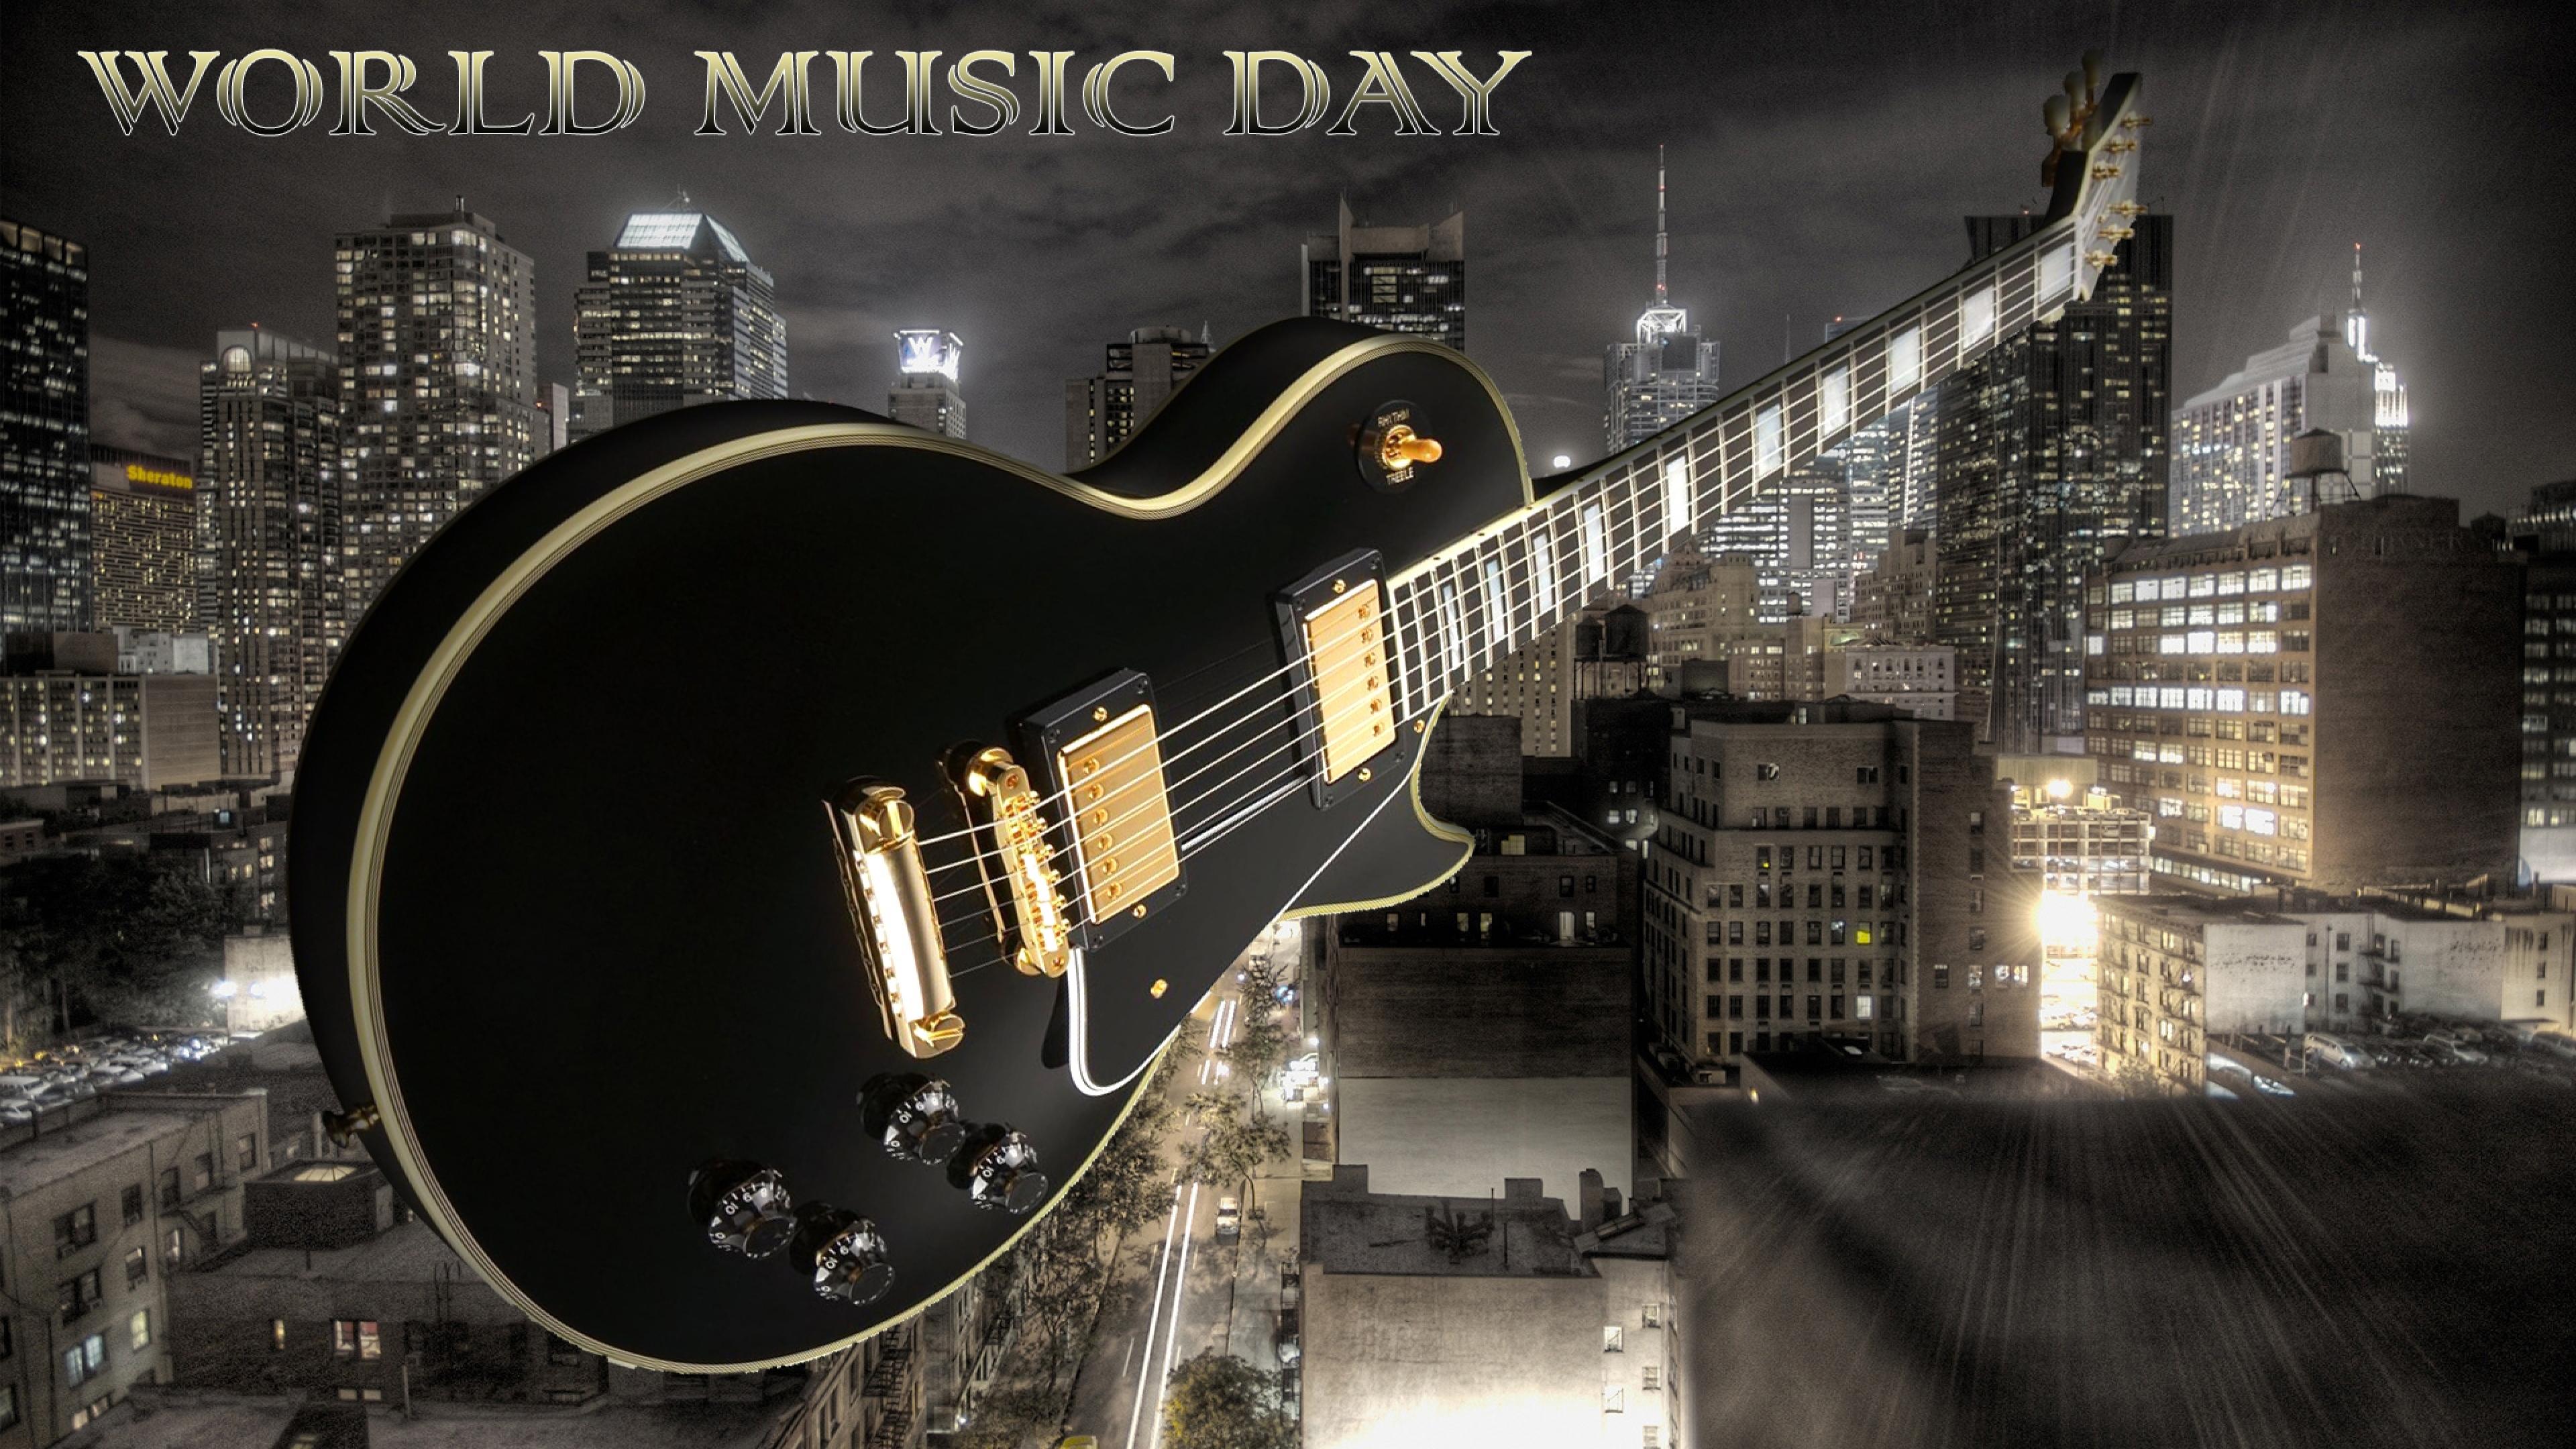 World Music Day beautiful hd wallpaper 3840x2160